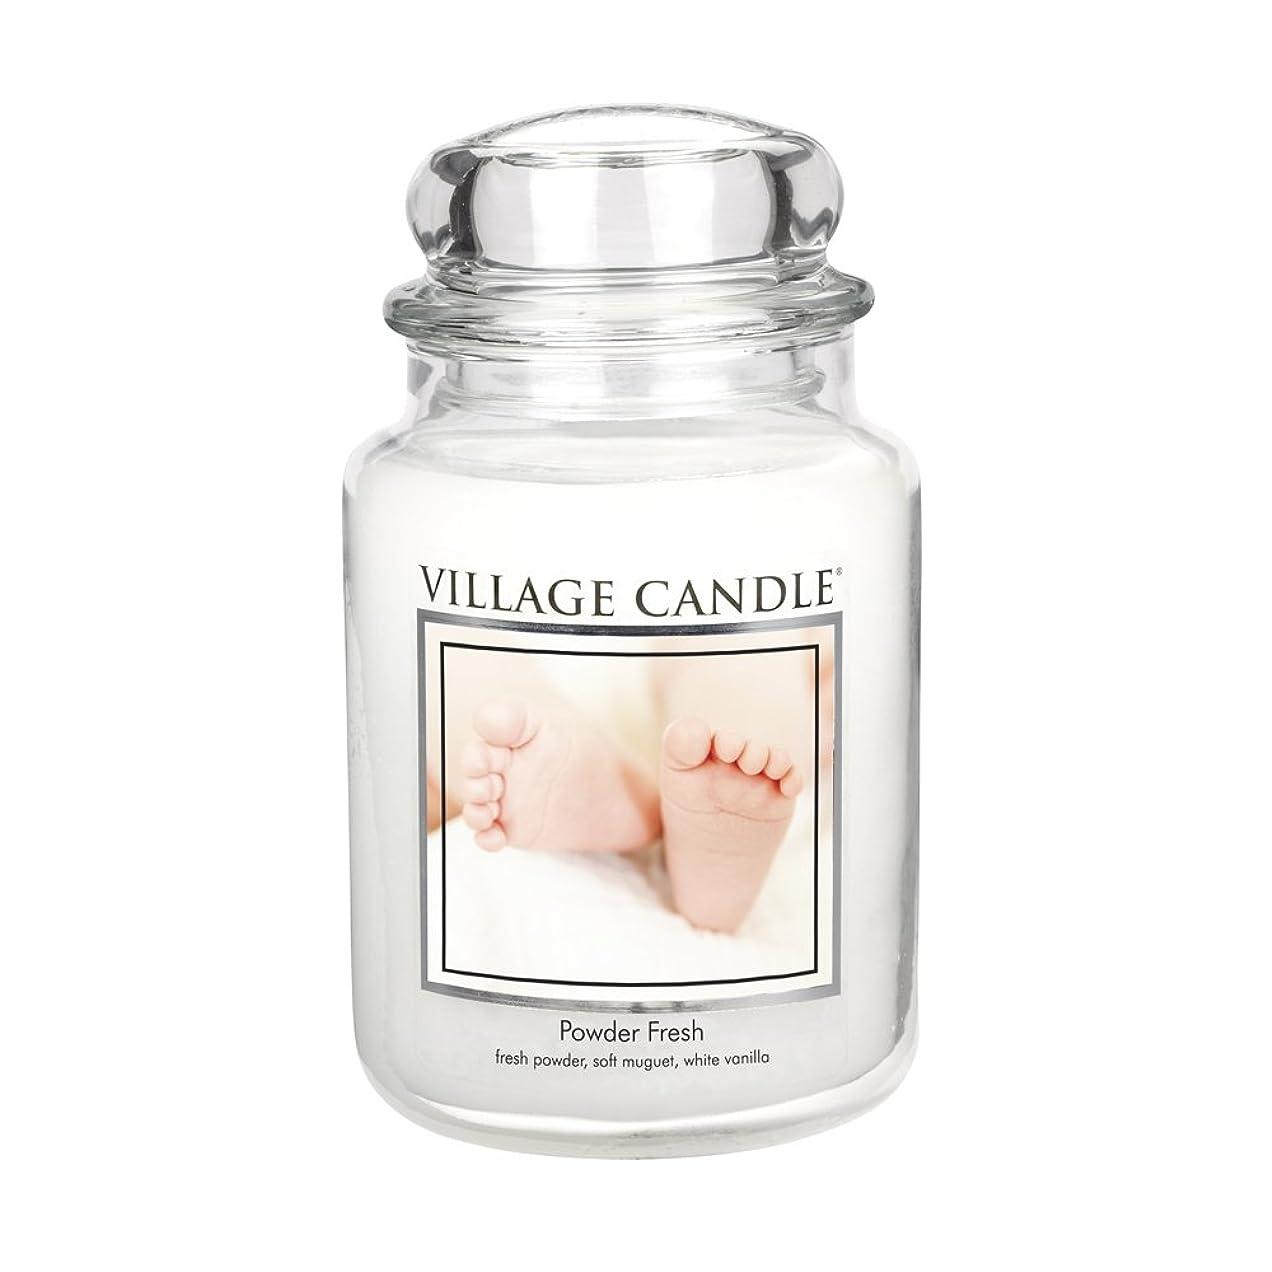 熱帯の紳士エジプトVillage Candle Scented Large Jar 26oz - POWDER FRESH by Village Candle